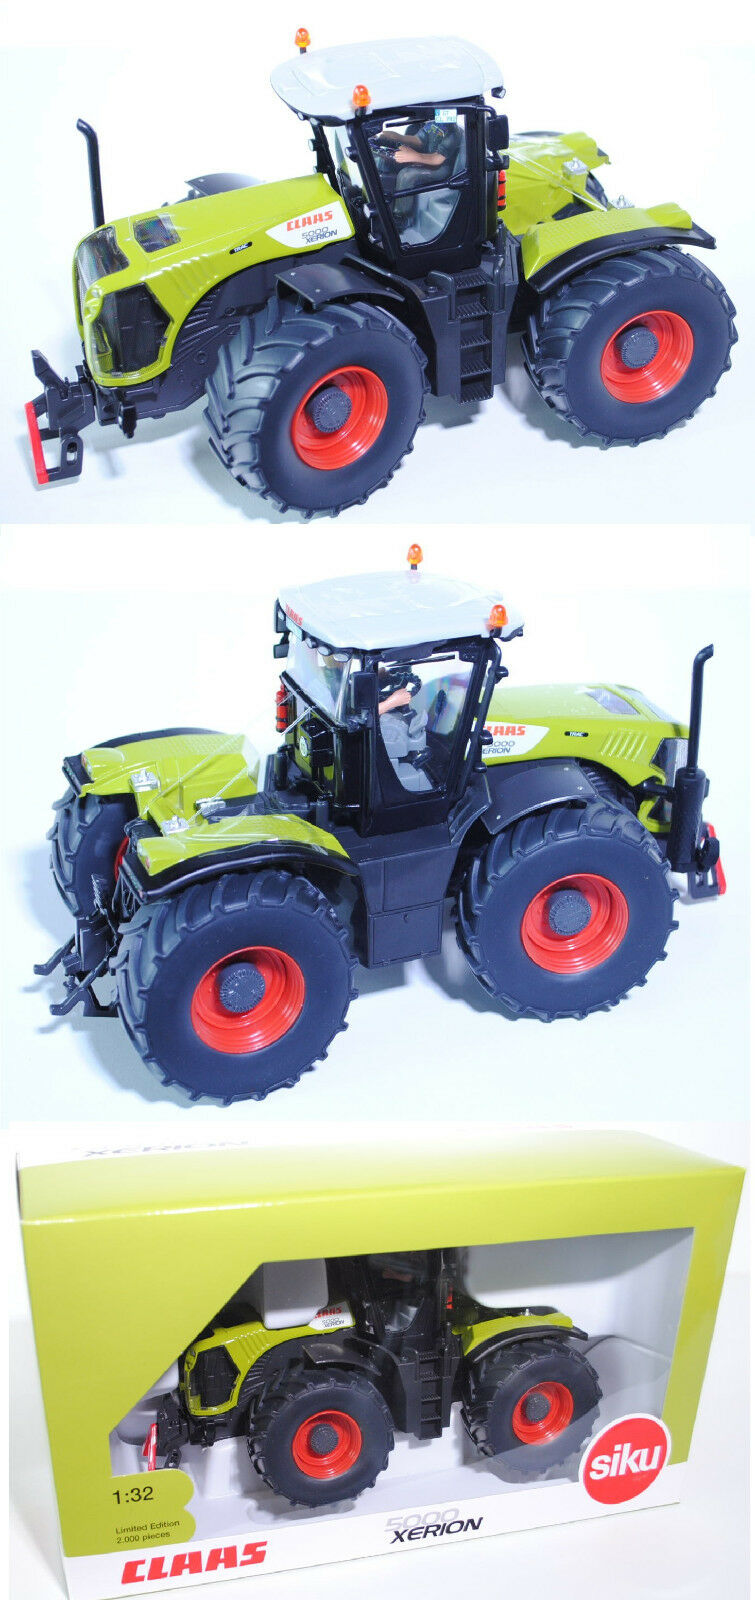 gran descuento Siku Farmer 3271 00406 00406 00406 Claas xerion 5000 Trac tractor 1 32 werbebox  ventas en línea de venta